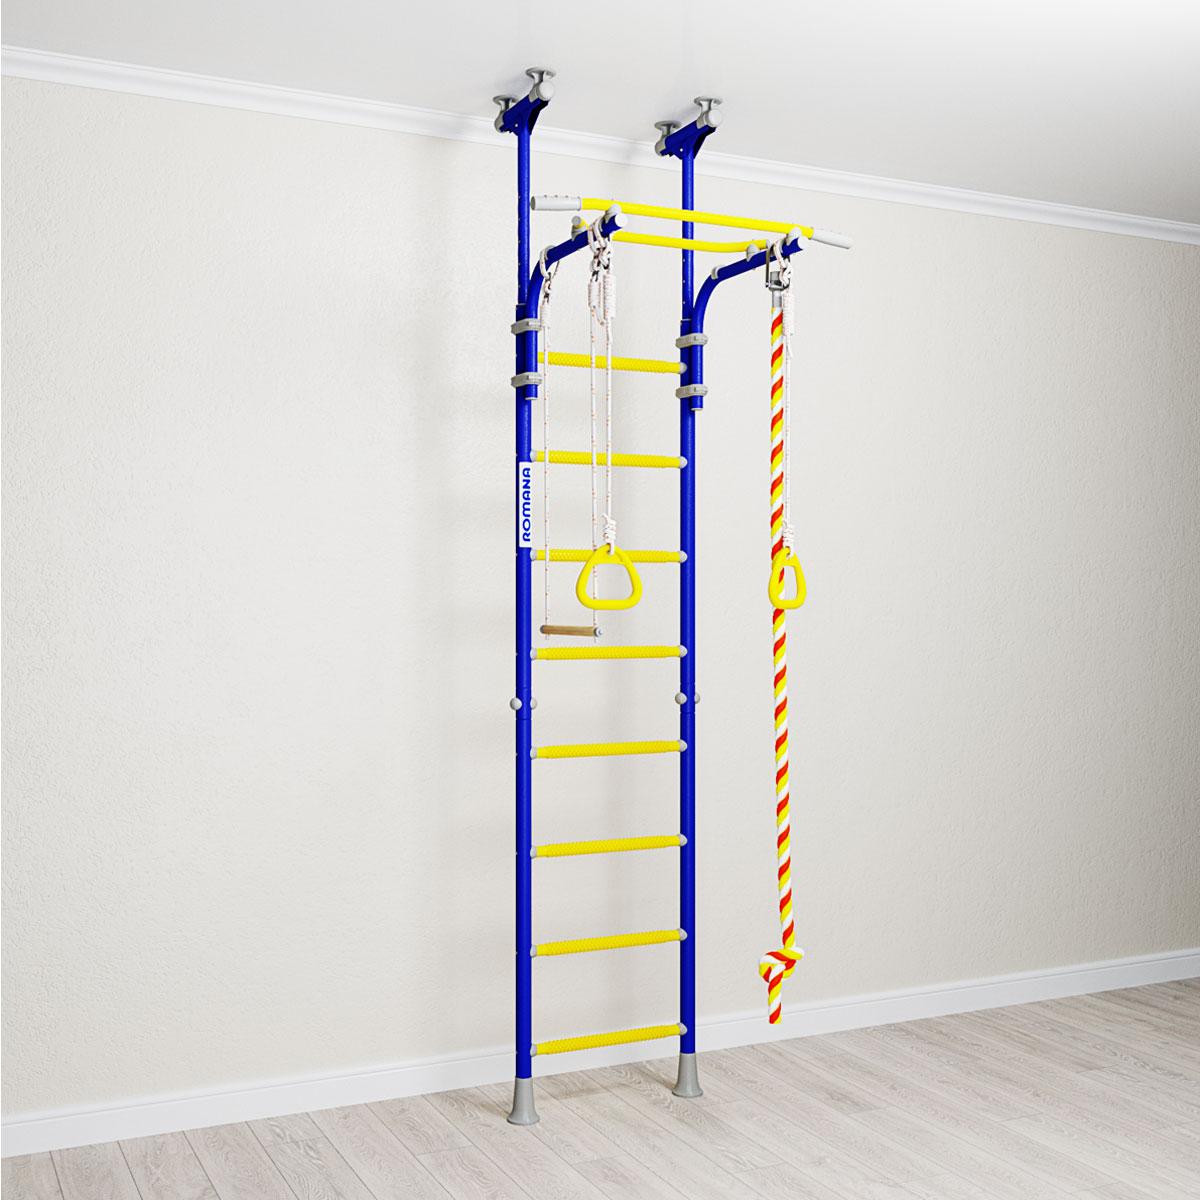 ROMAN COMET 5 gymnastický rozširovací rebrík